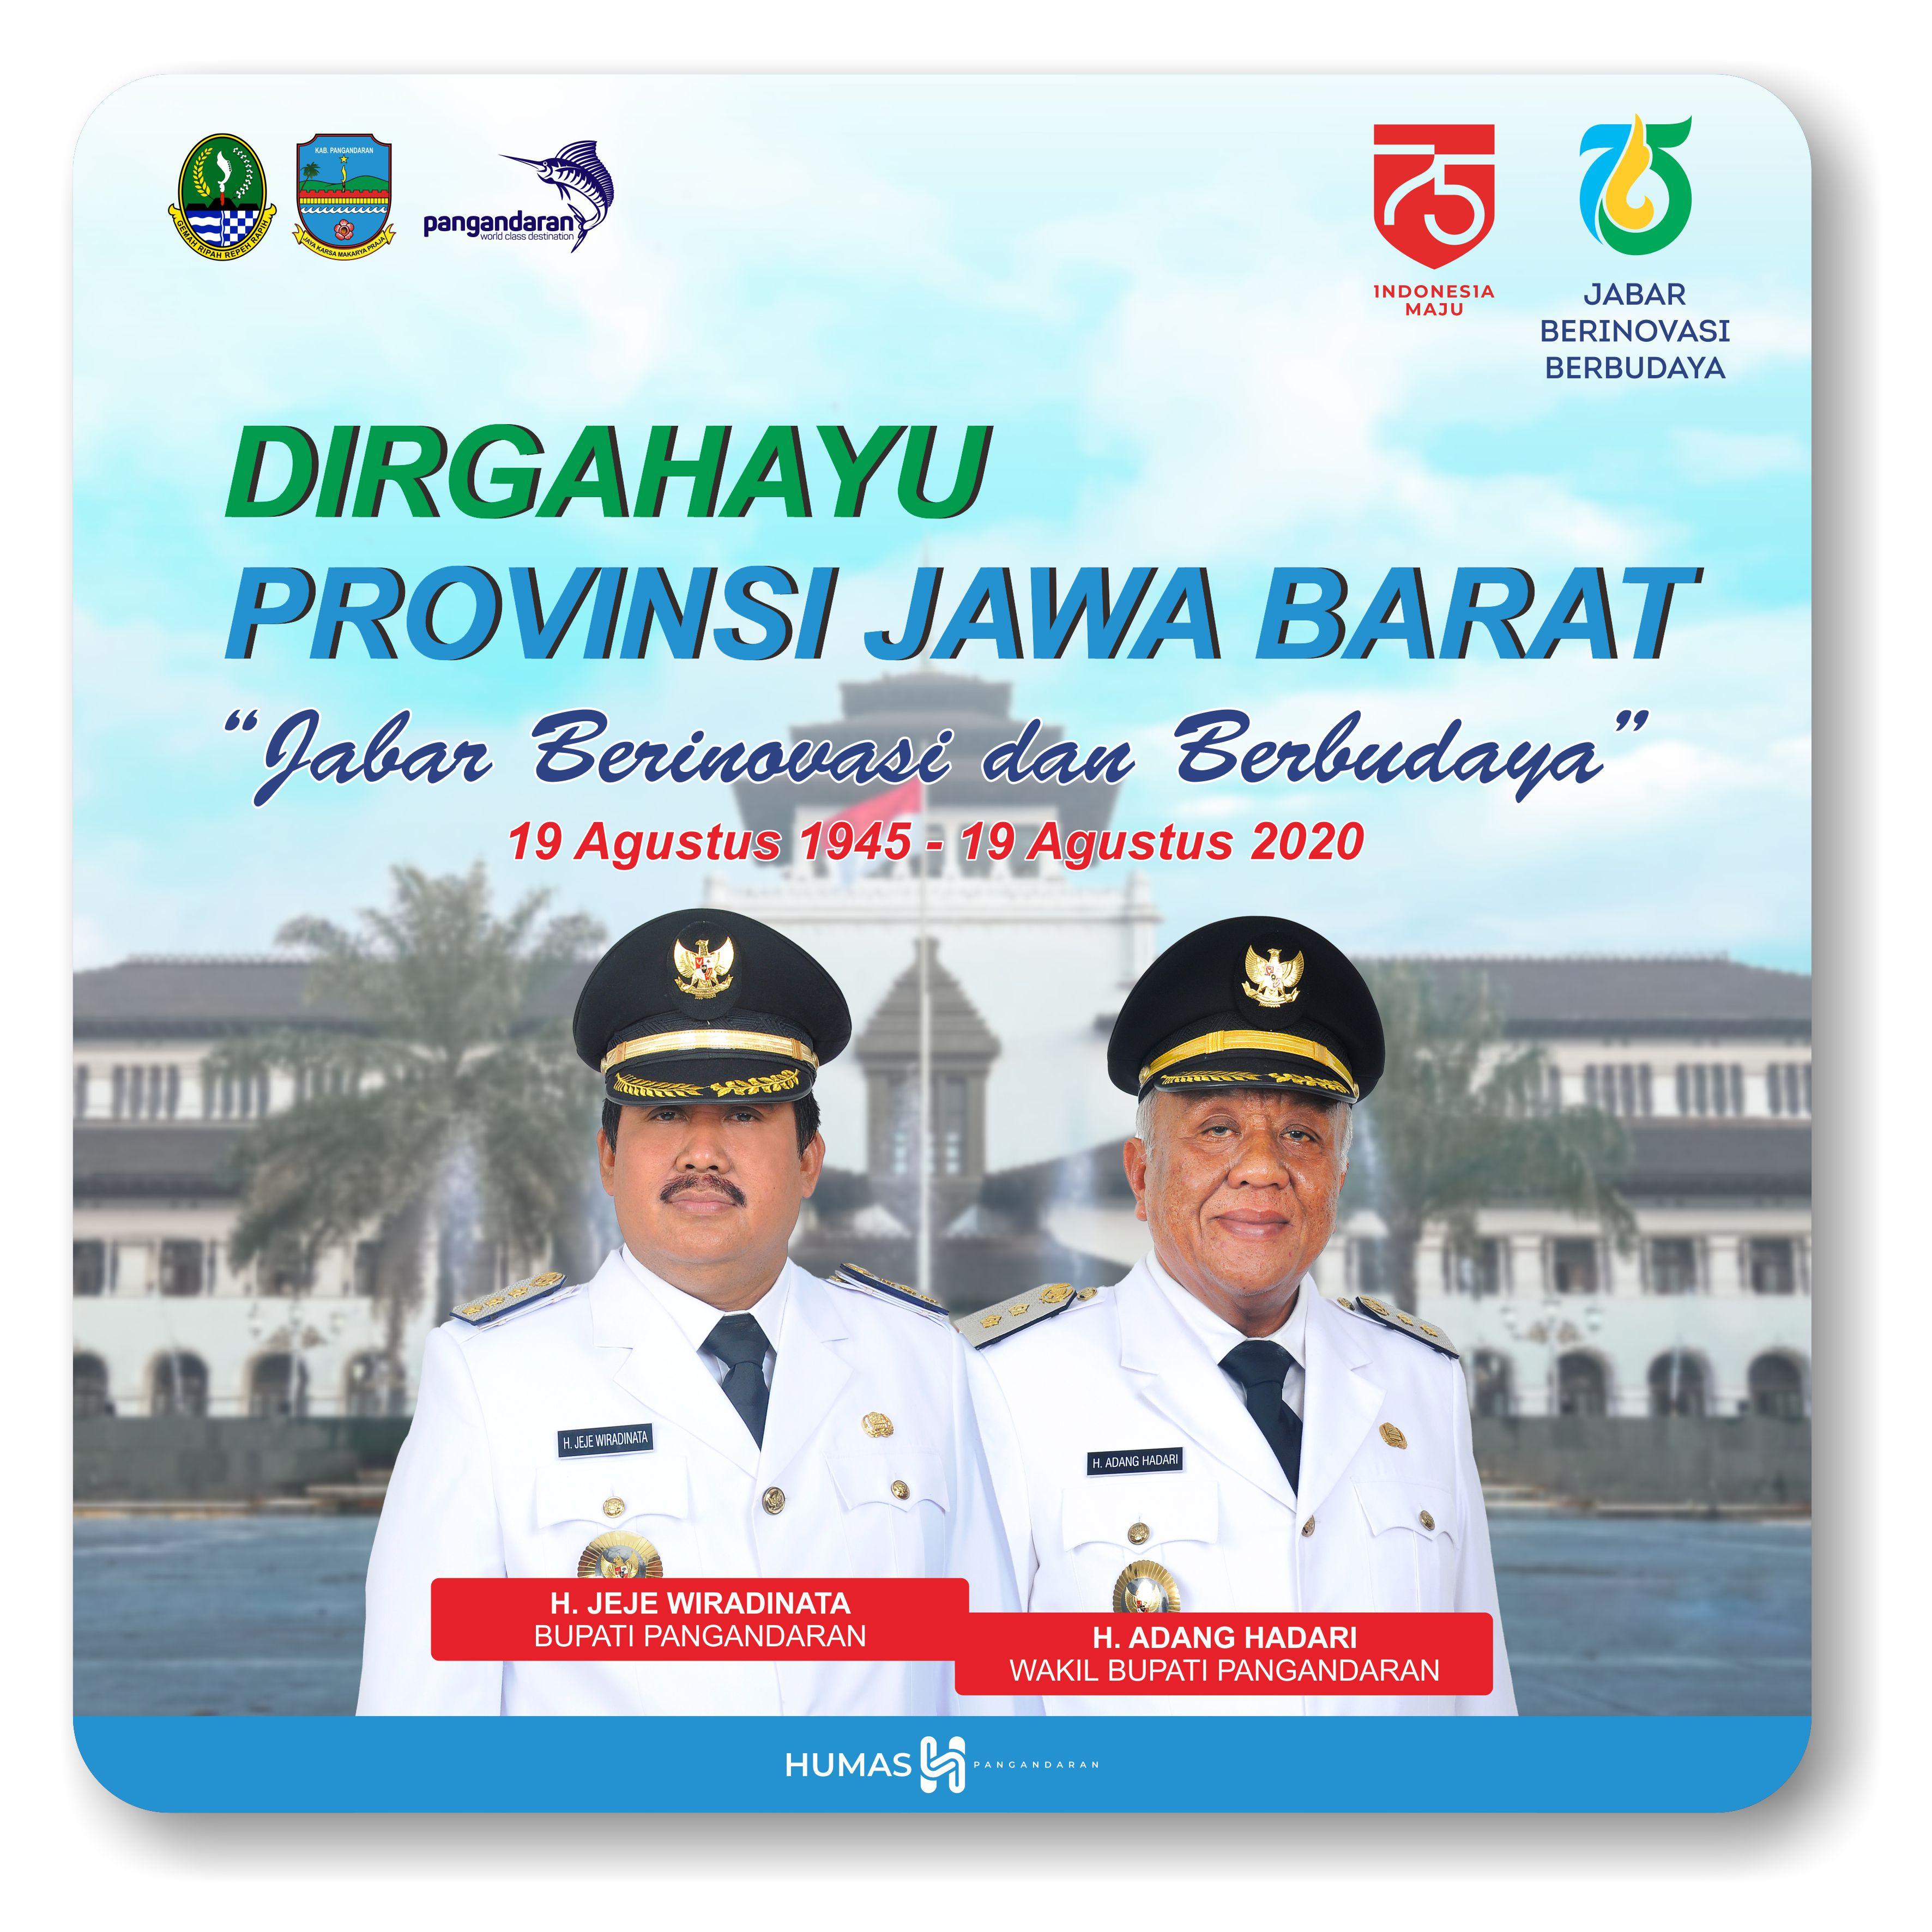 Dirgahayu Provinsi Jawa Barat Ke-75